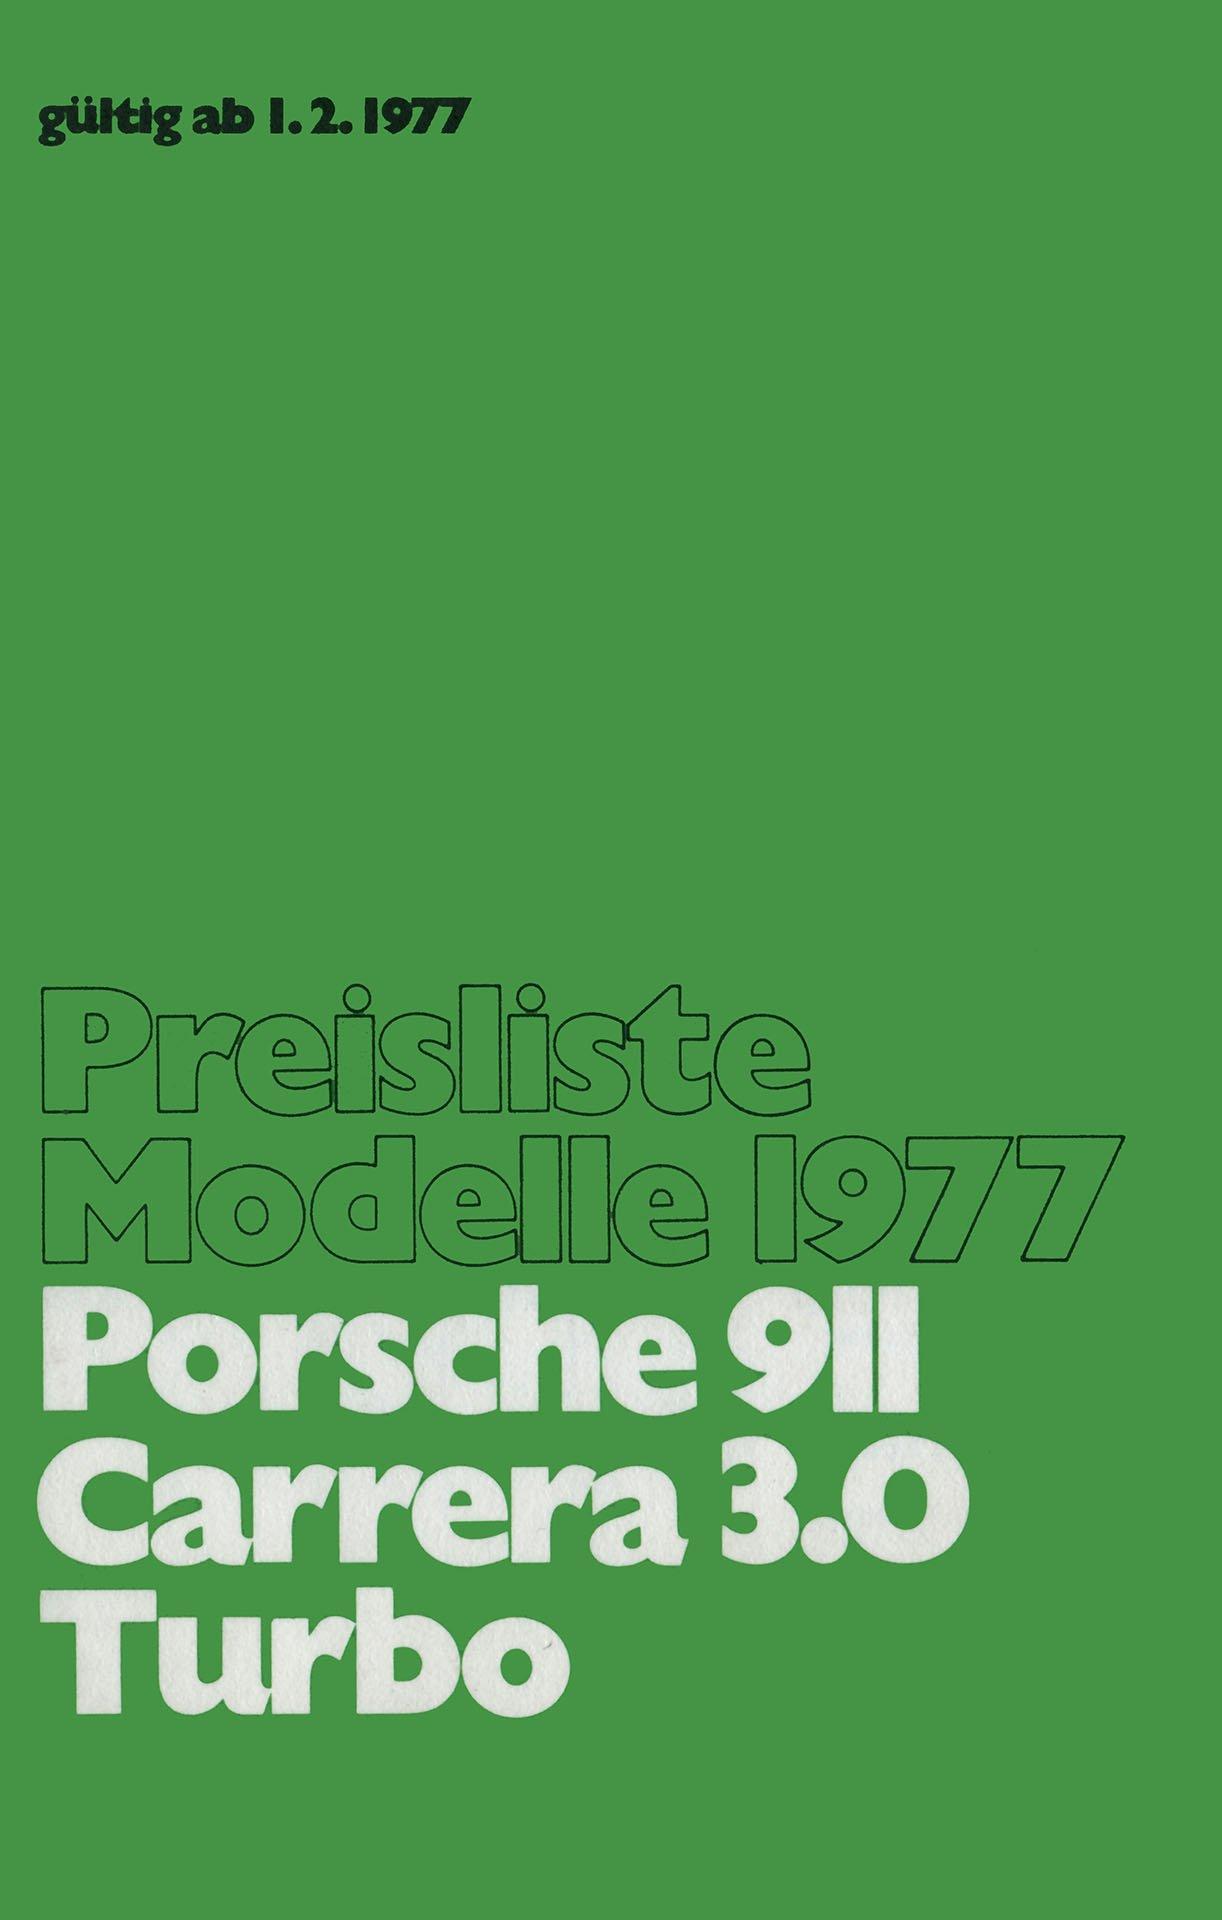 Porsche Brochures